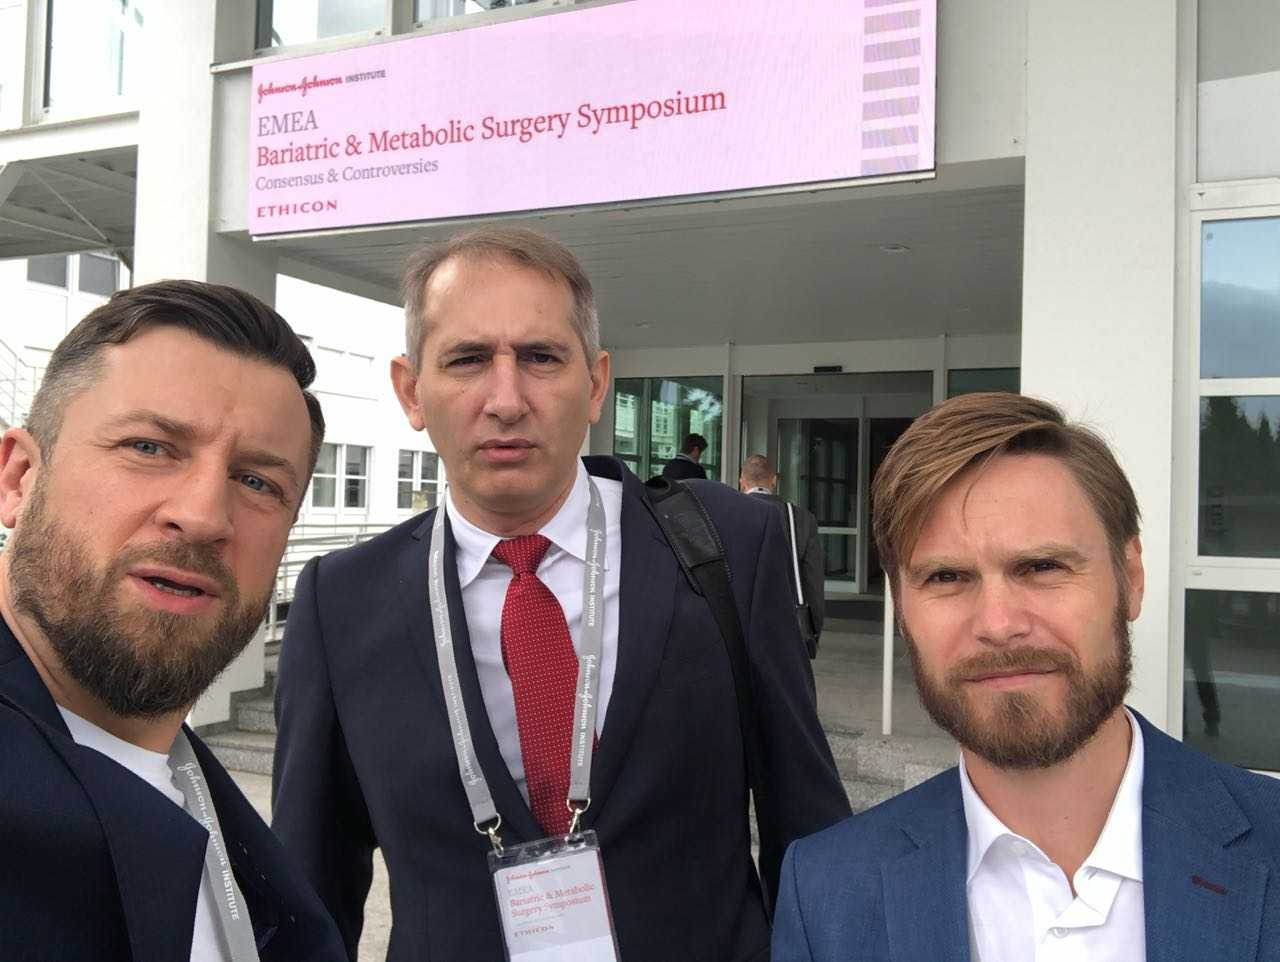 Бариатрические хирурги (слева направо: Илья Елагин (Москва), Бекхан Хациев (Ставрополь) и Евгений Зорин (Москва)